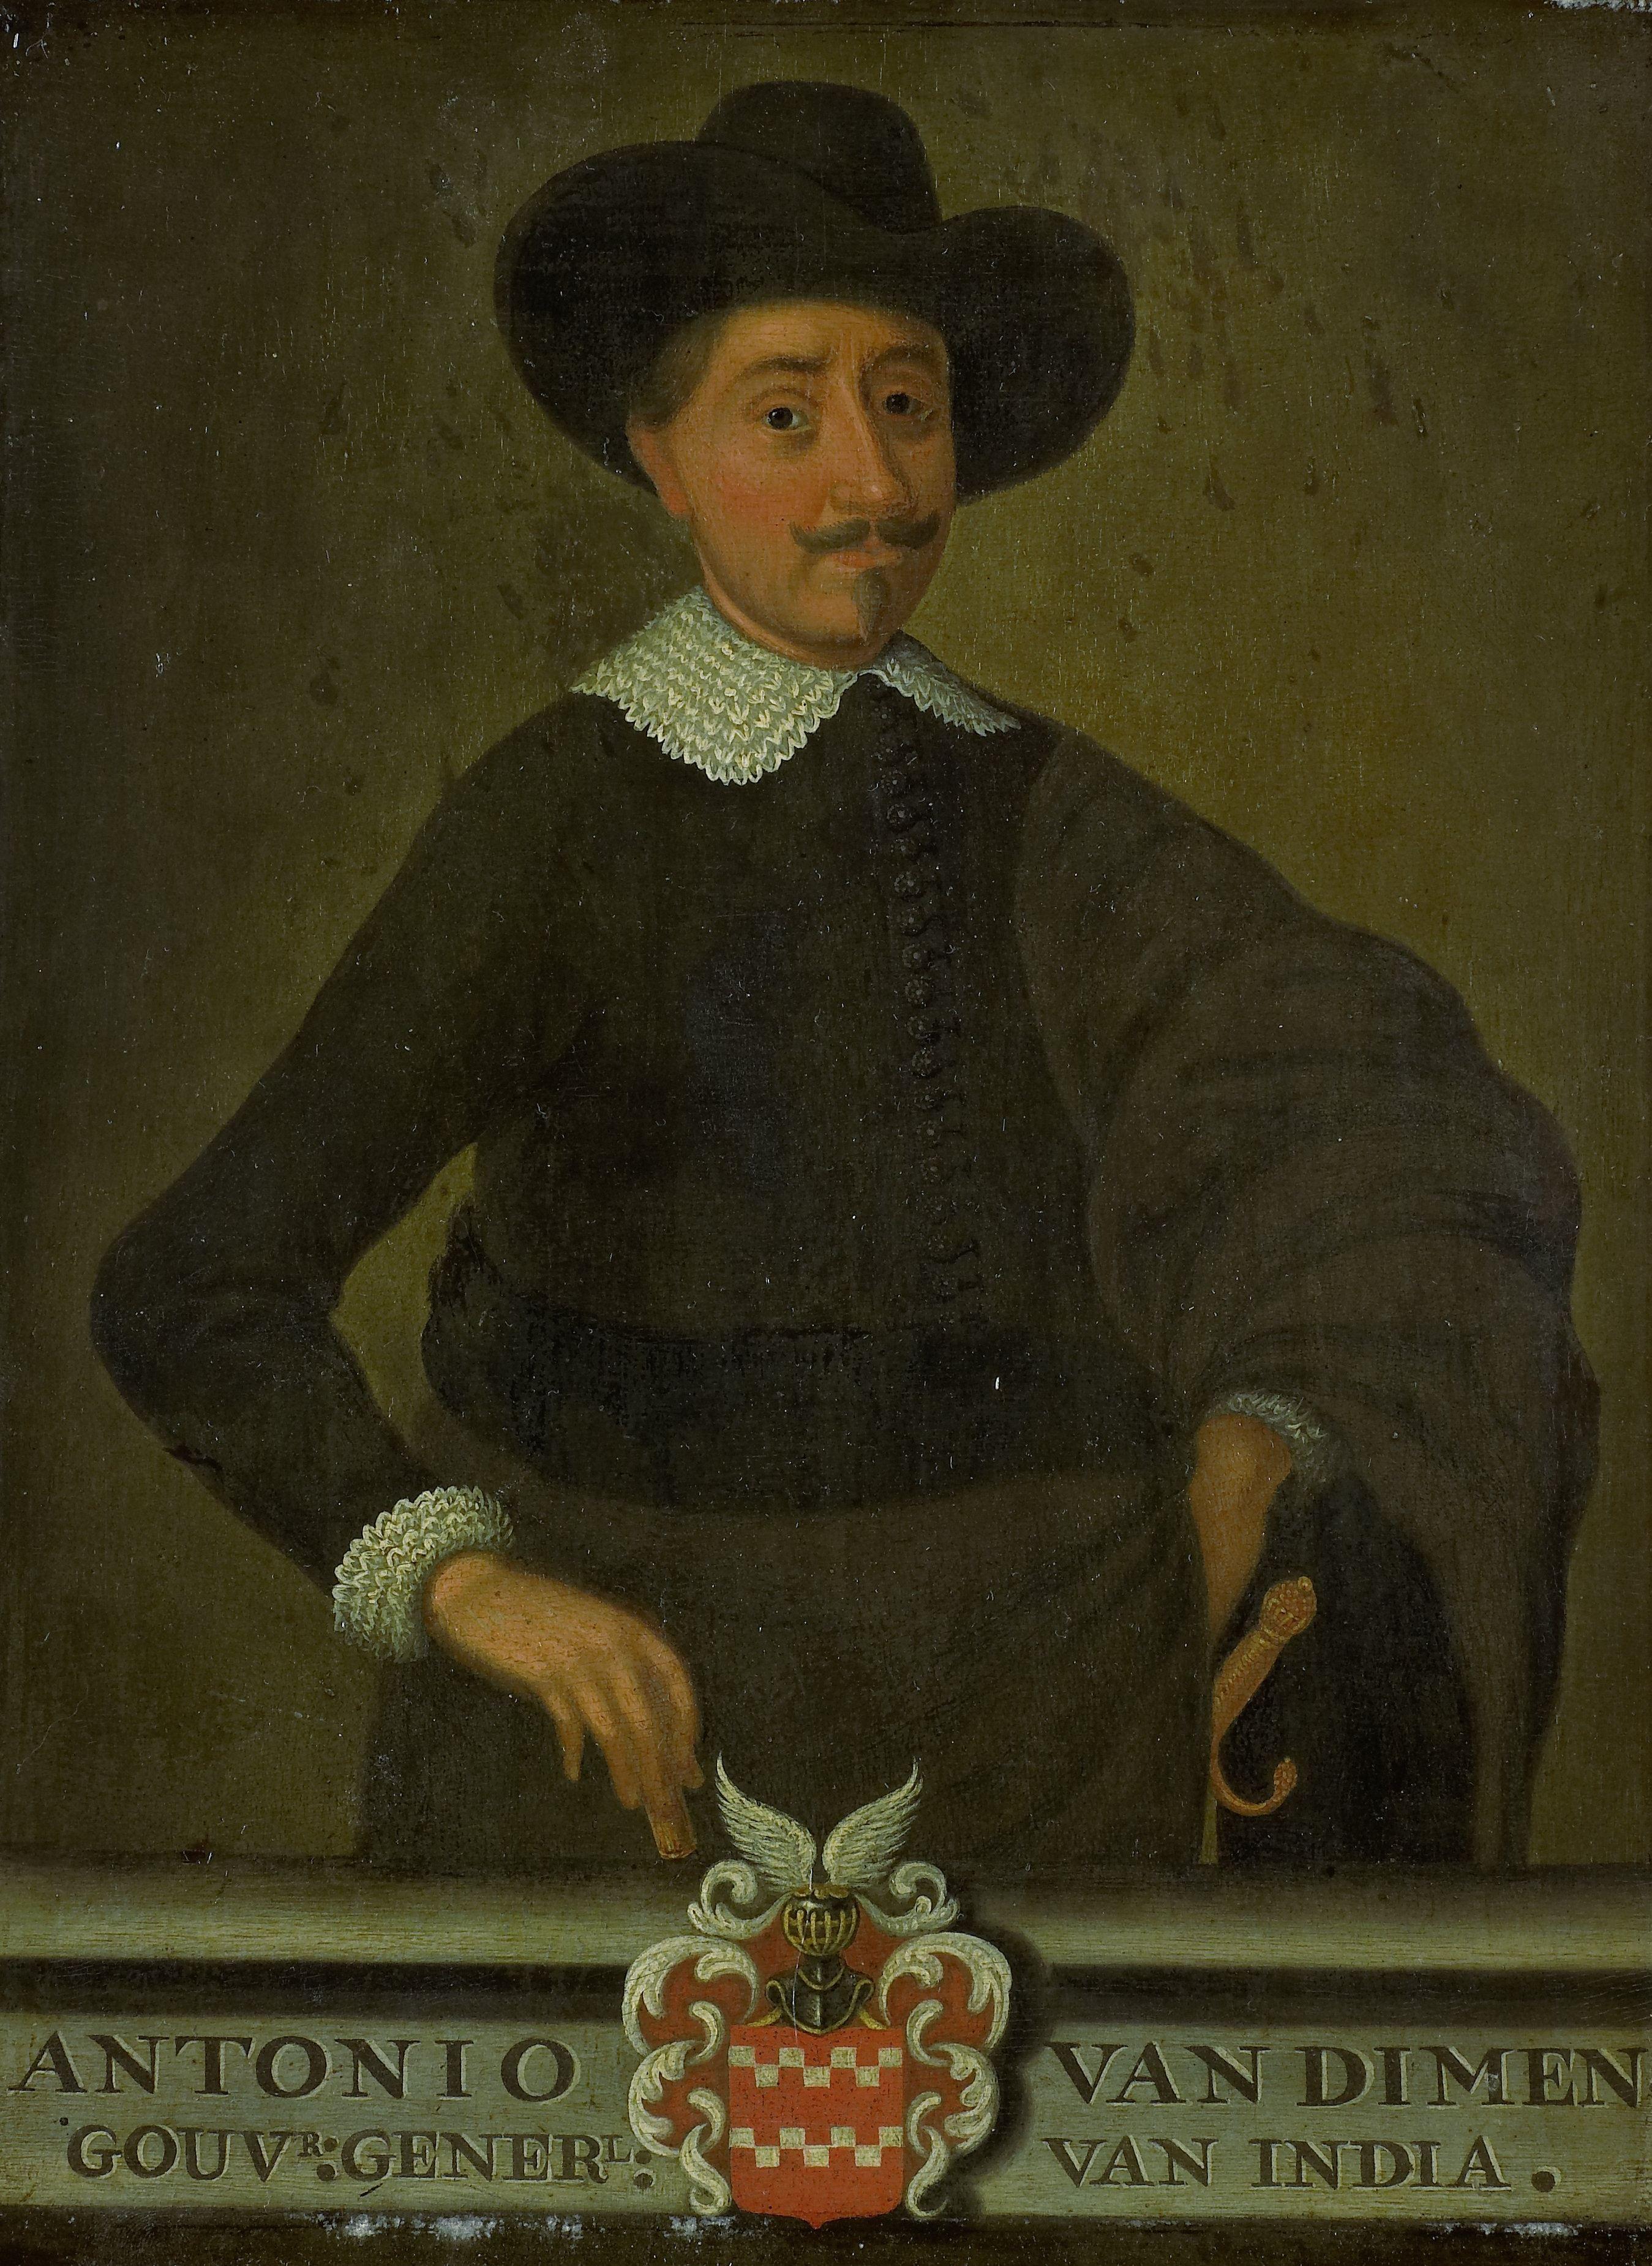 Антони ван Димен (нидерл. Antonio van Diemen, Antonie van Diemen; 1593, Кулемборг — 19 апреля 1645, Батавия) — девятый генерал-губернатор Голландской Ост-Индии.